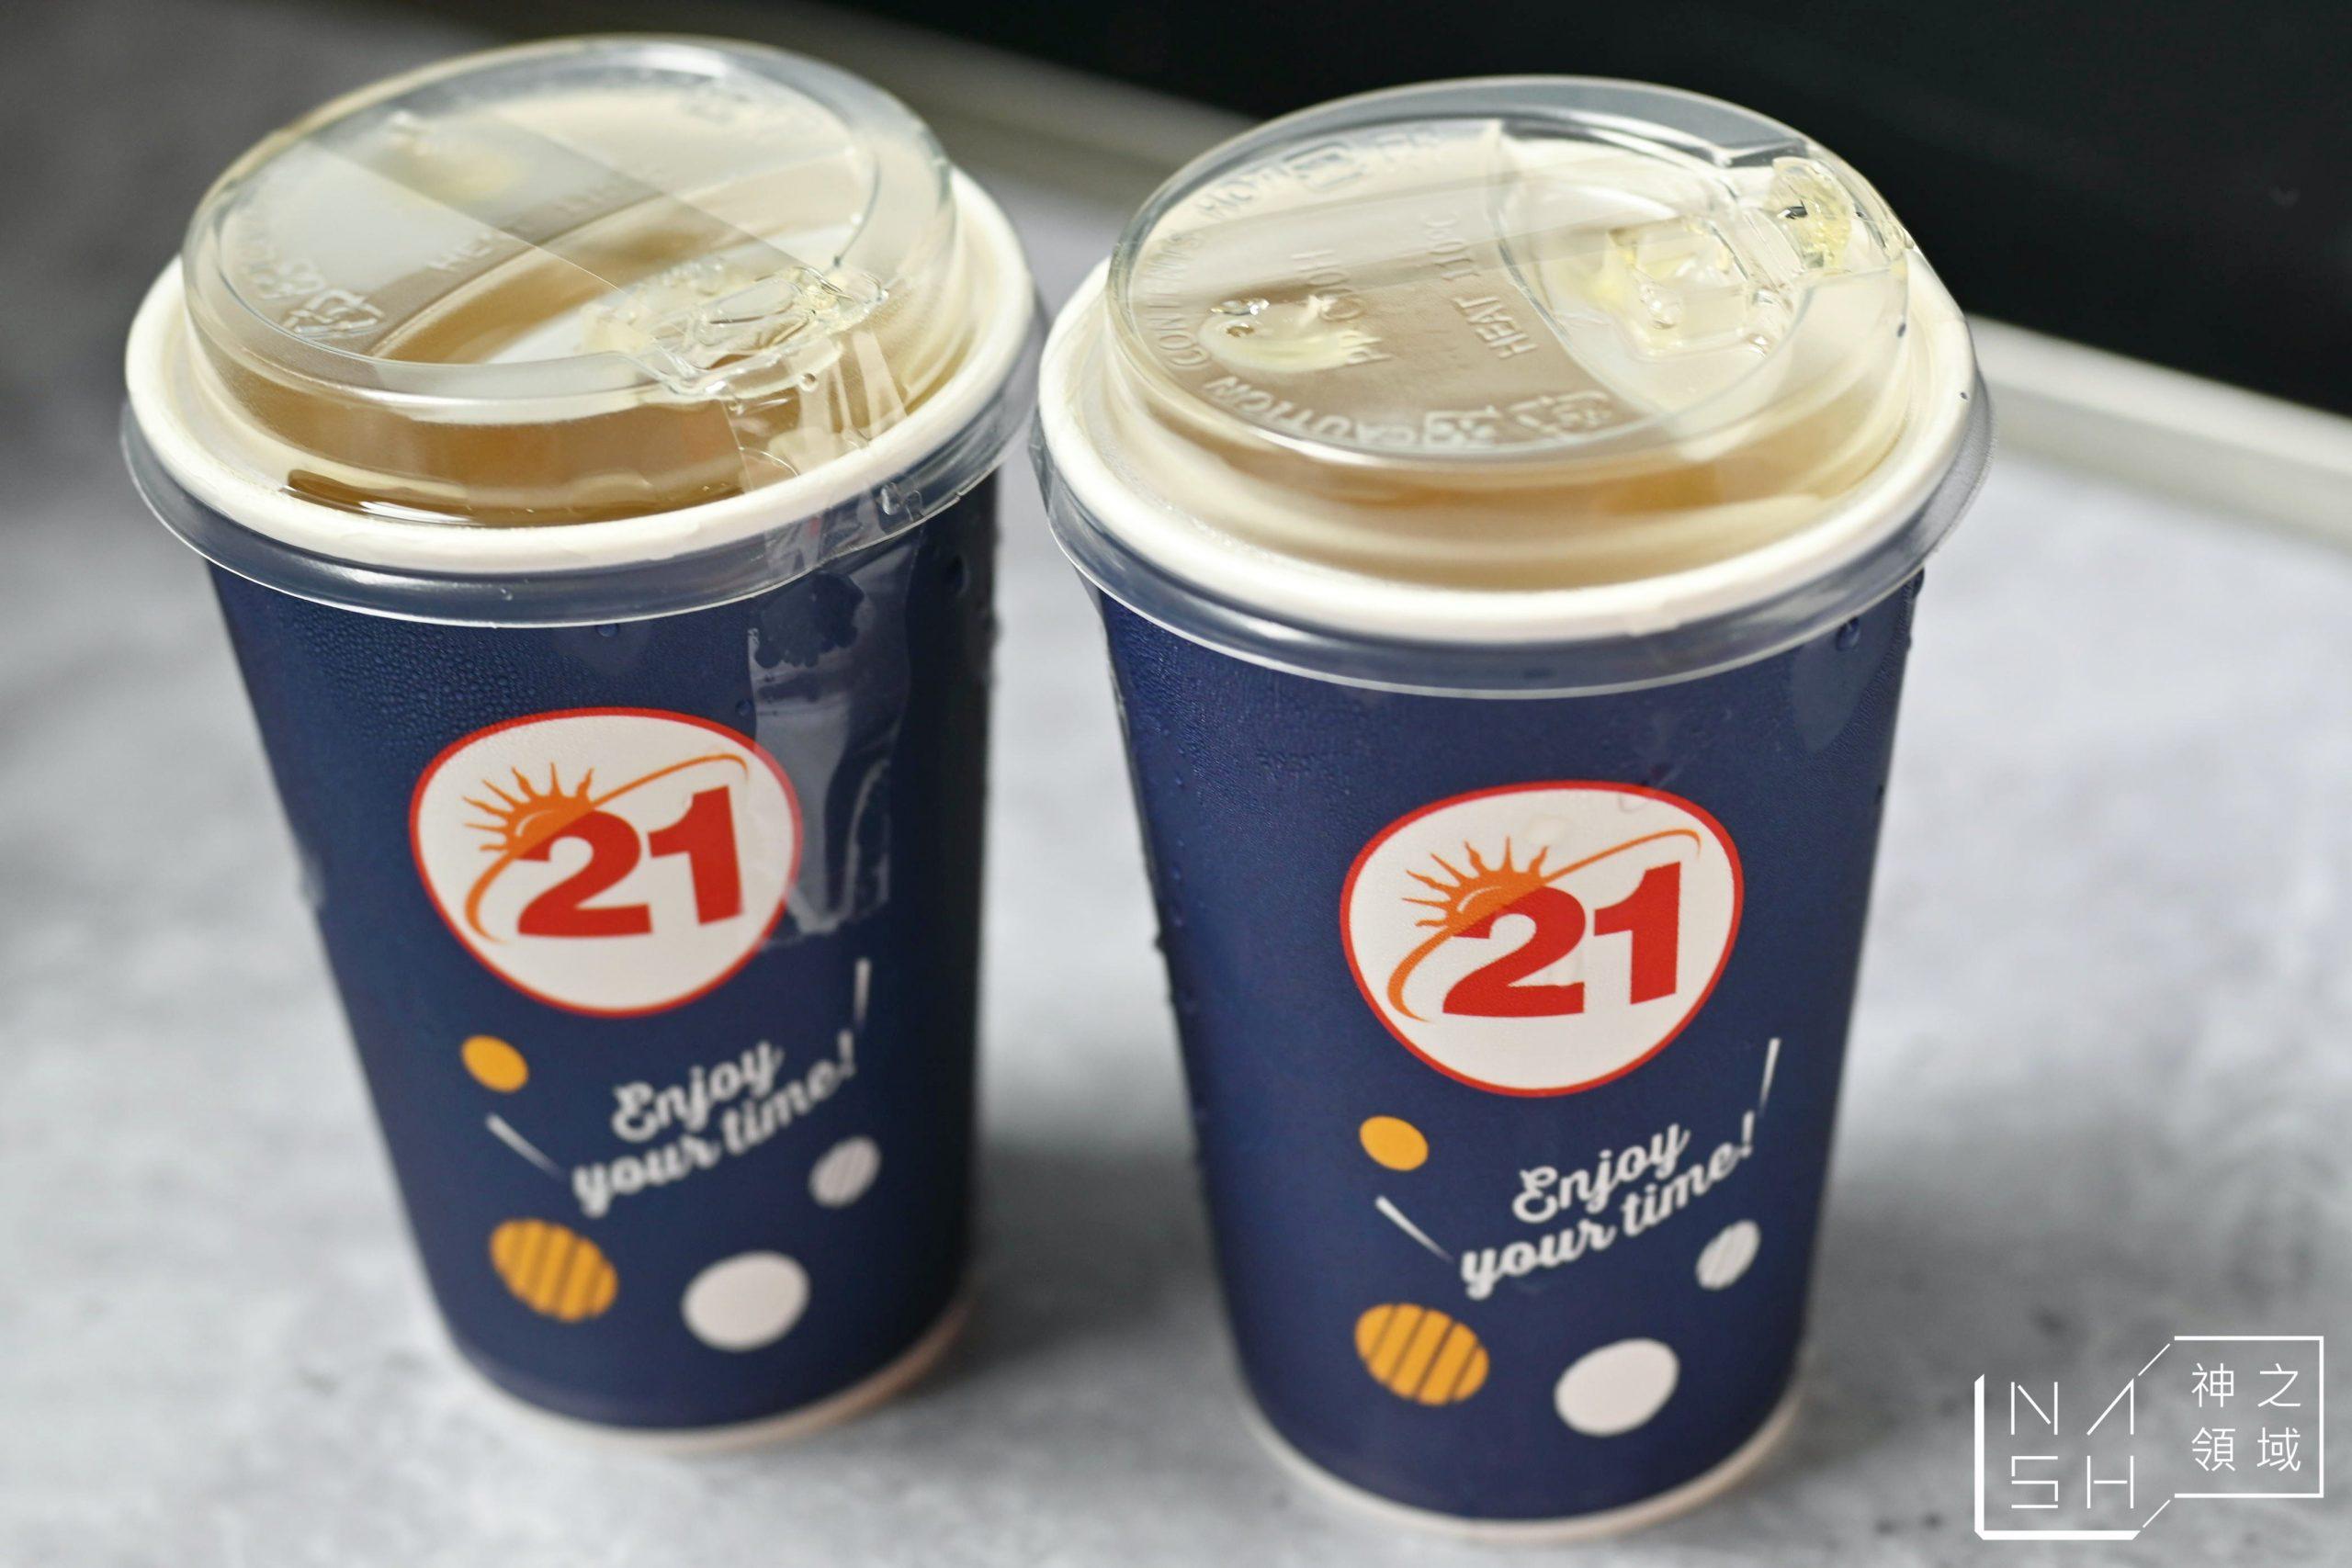 21風味館外帶